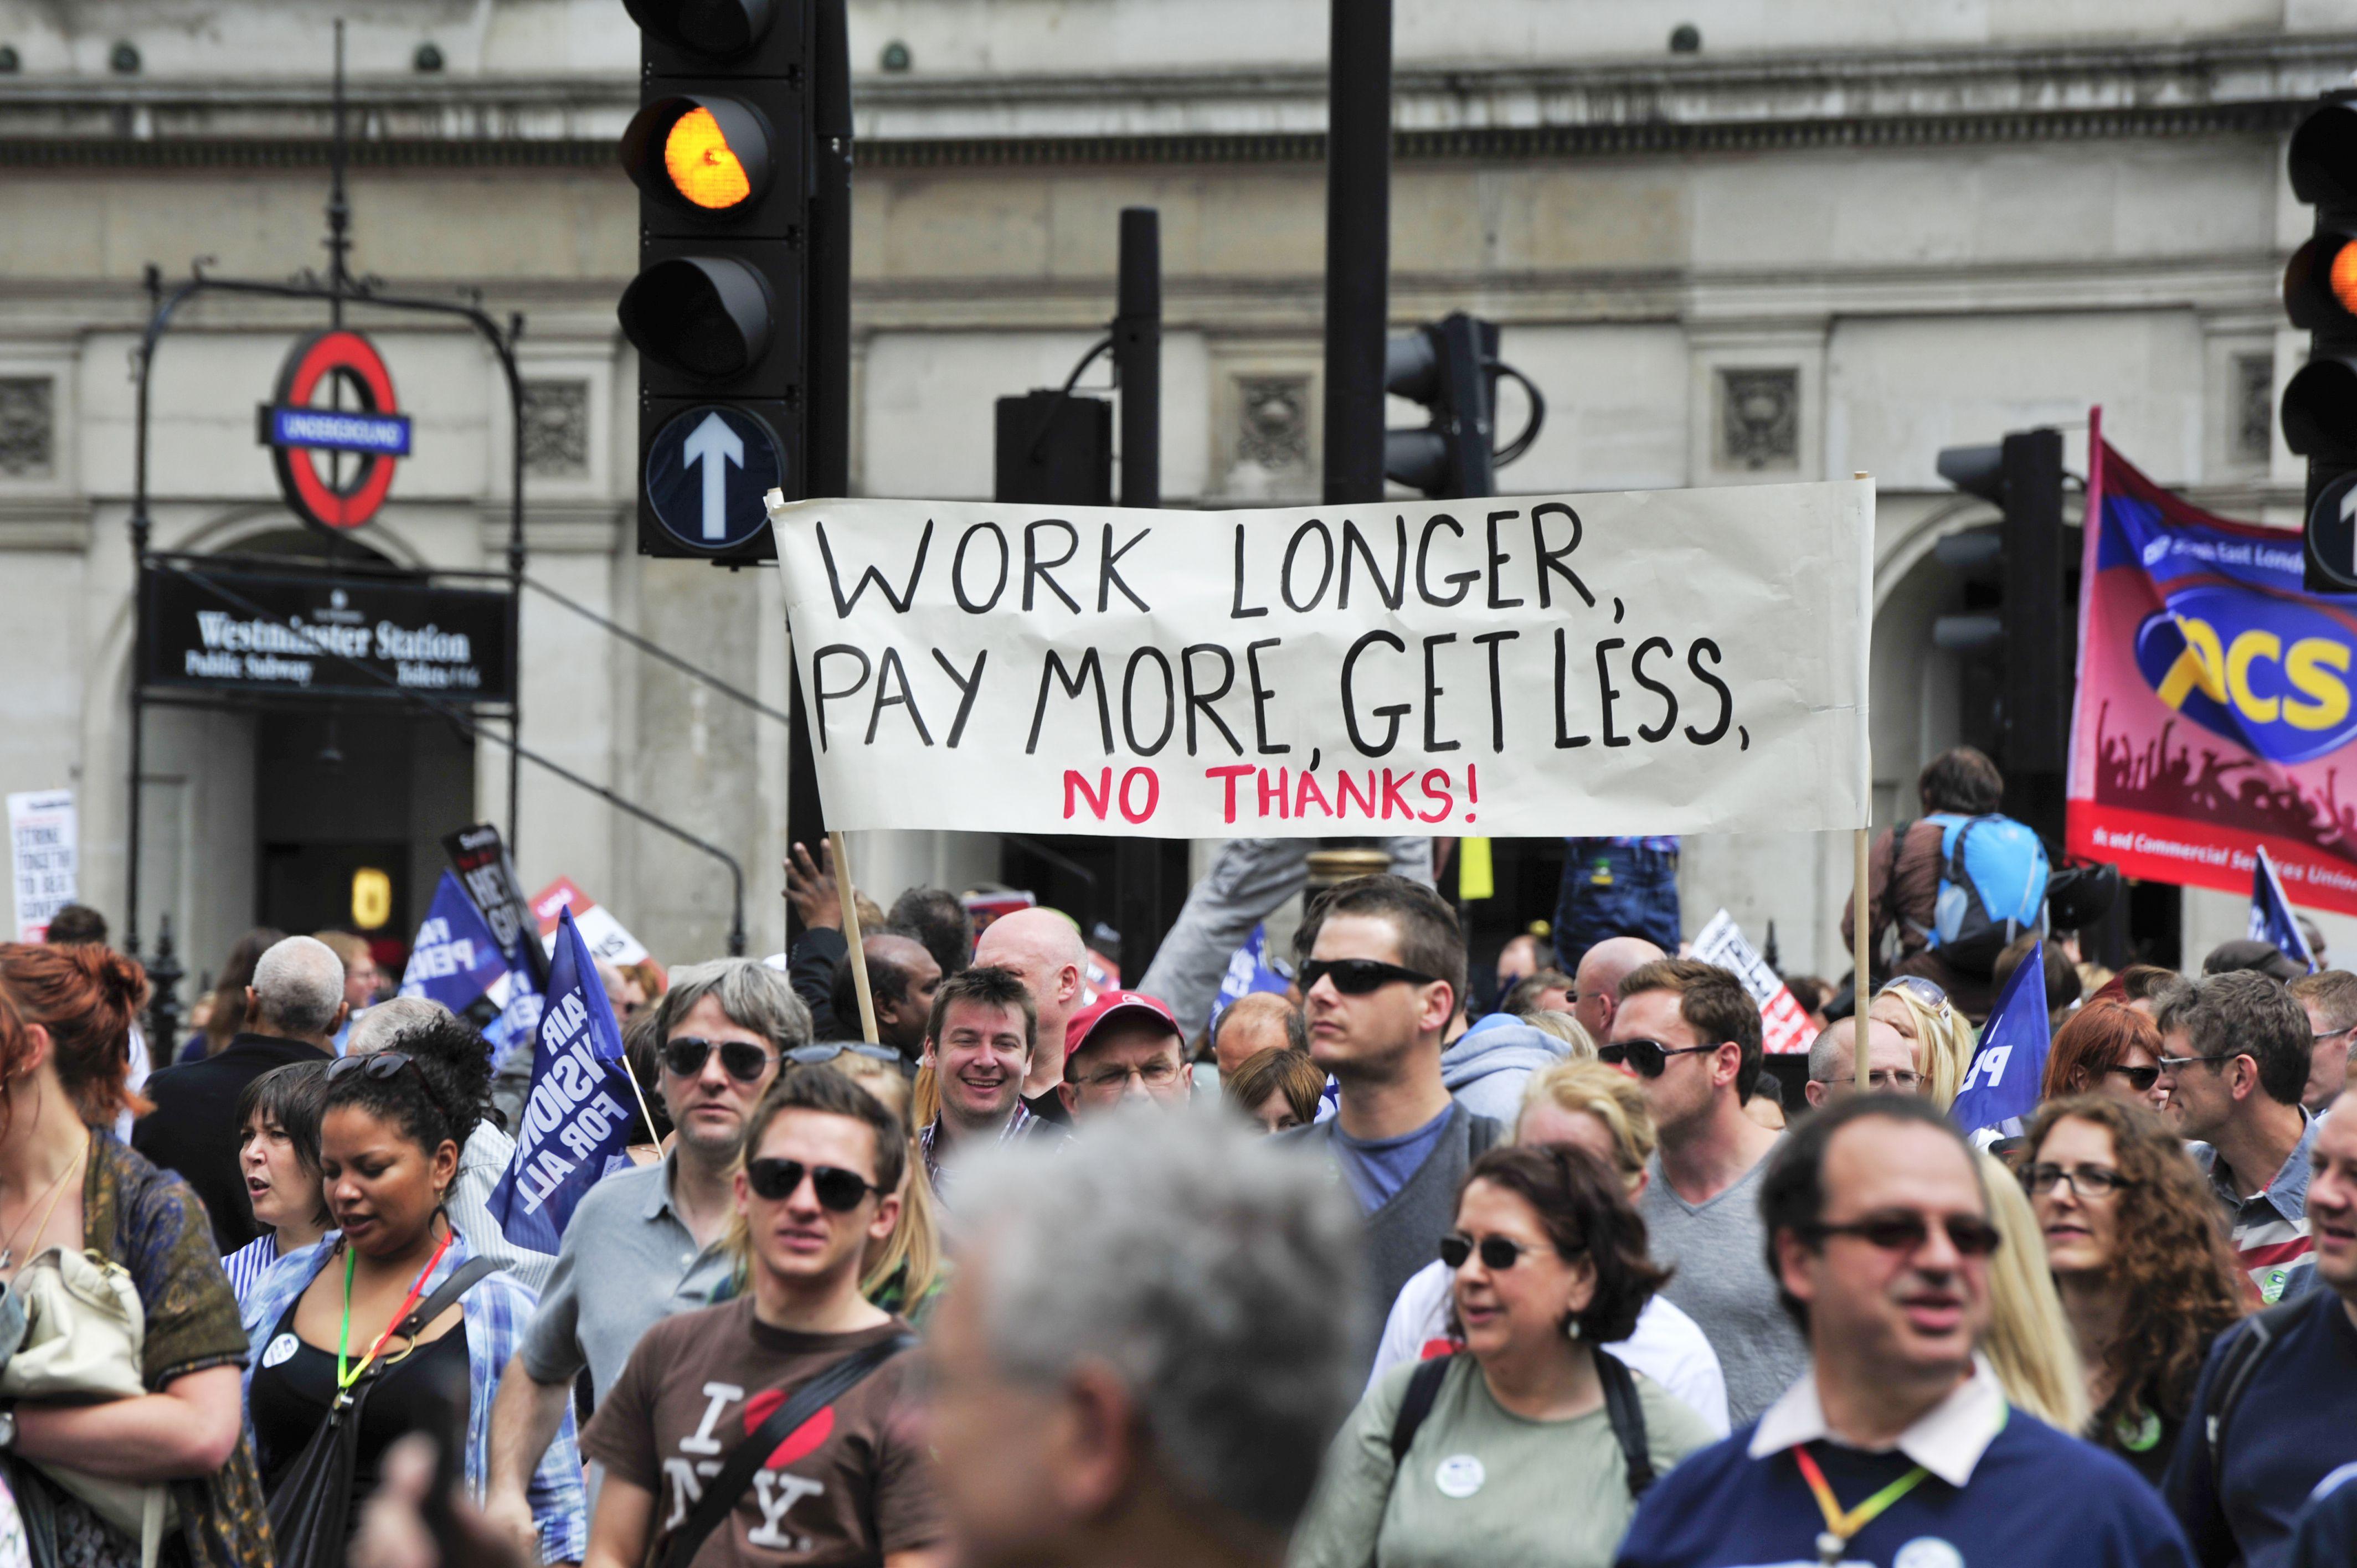 """""""Trabaja más, paga más, obtén menos... ¡No, gracias!"""", dice un cartel en una manifestación en Londres"""